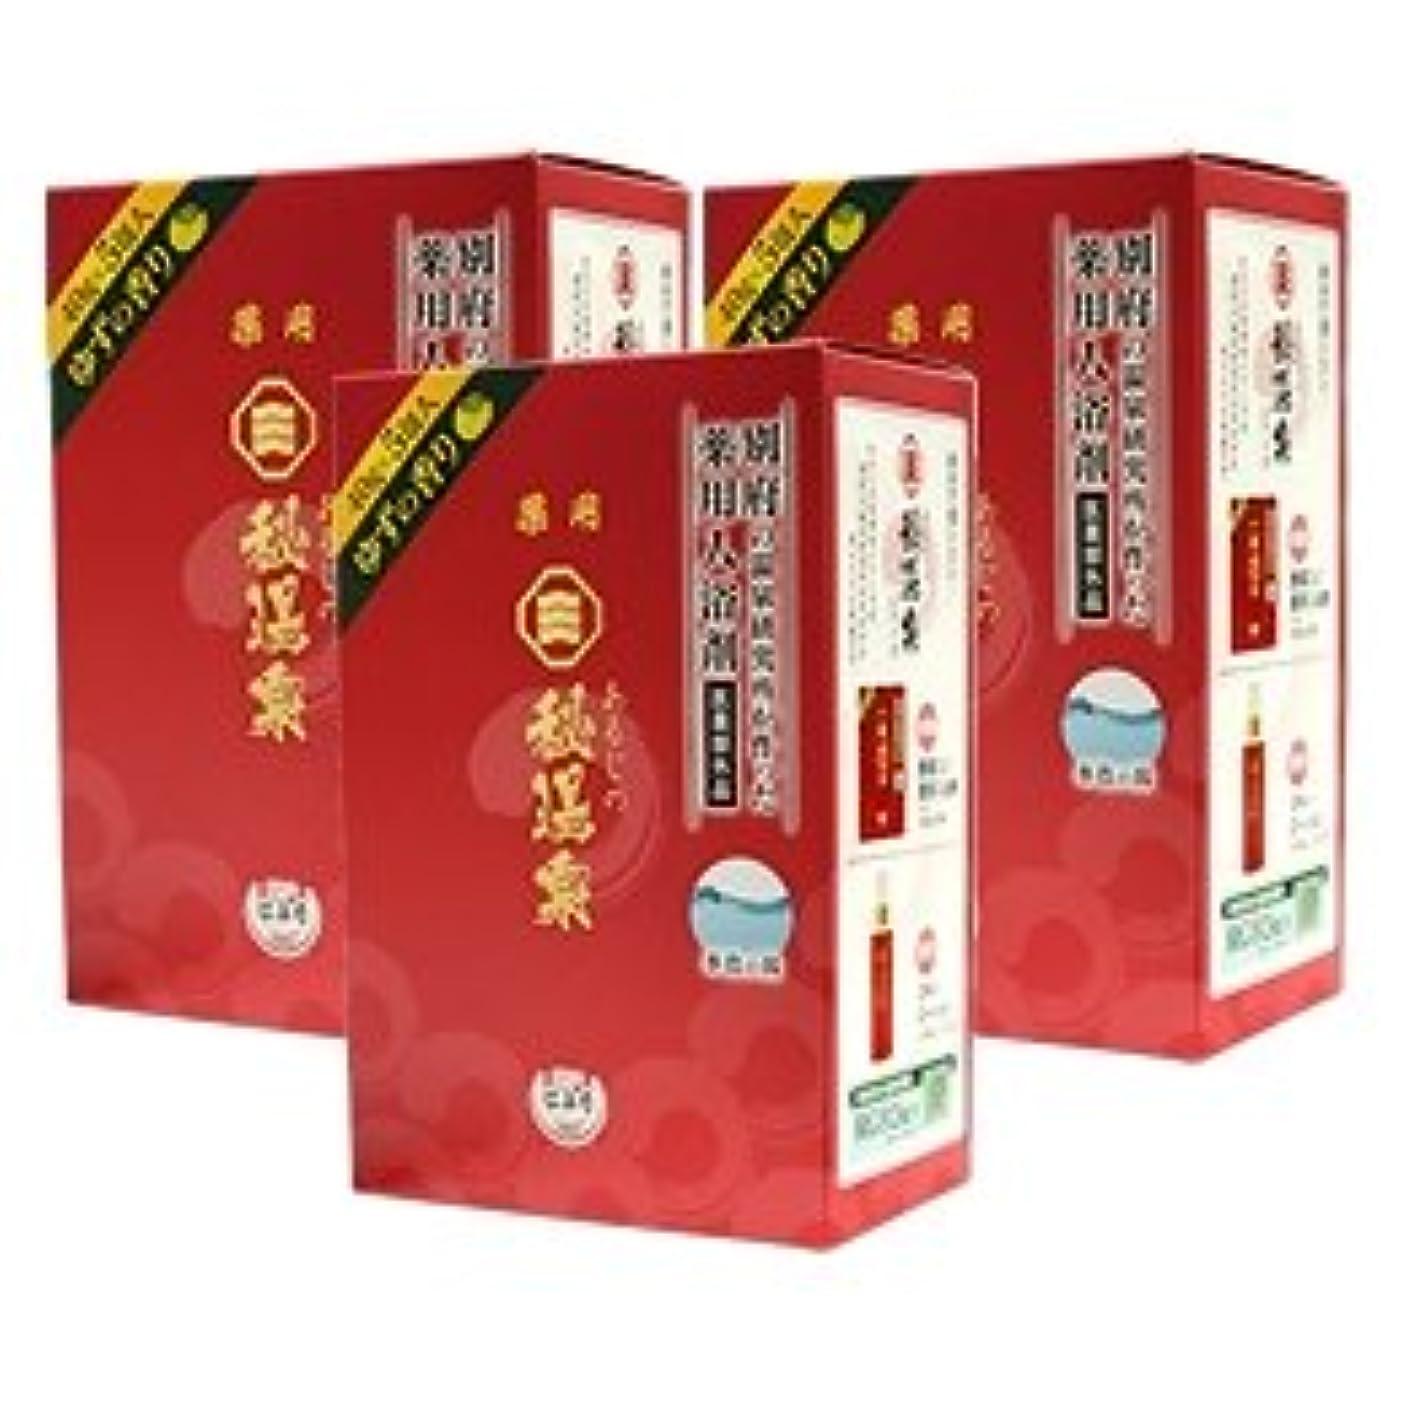 マニアック分類する提案薬用入浴剤 あるじの秘湯泉 ×3箱(1箱5包入り)セット